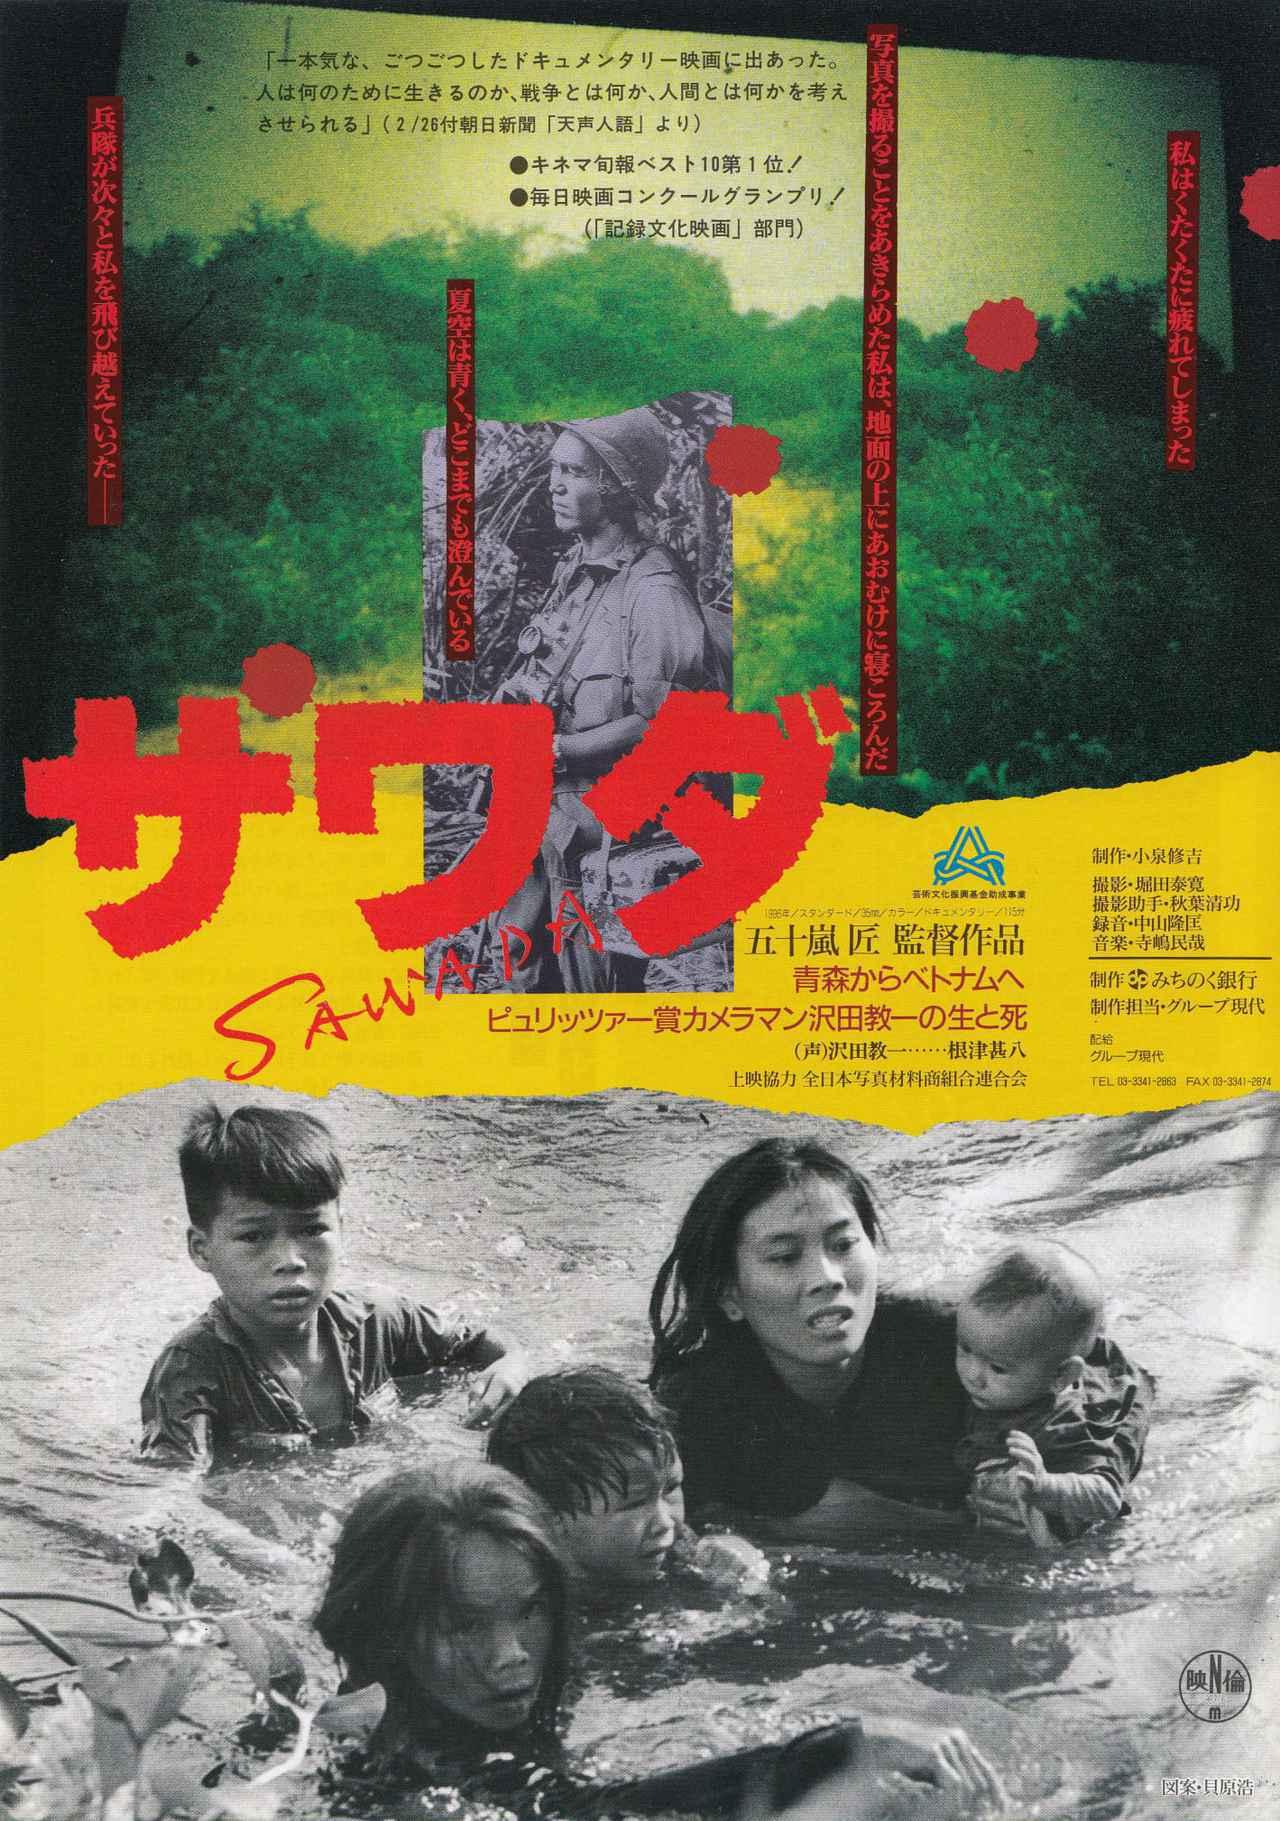 画像: ピューリッツァー賞などに輝く報道カメラマン 沢田教一。没後50年-『SAWADA』35mmフィルムでのリバイバル公開が決定!